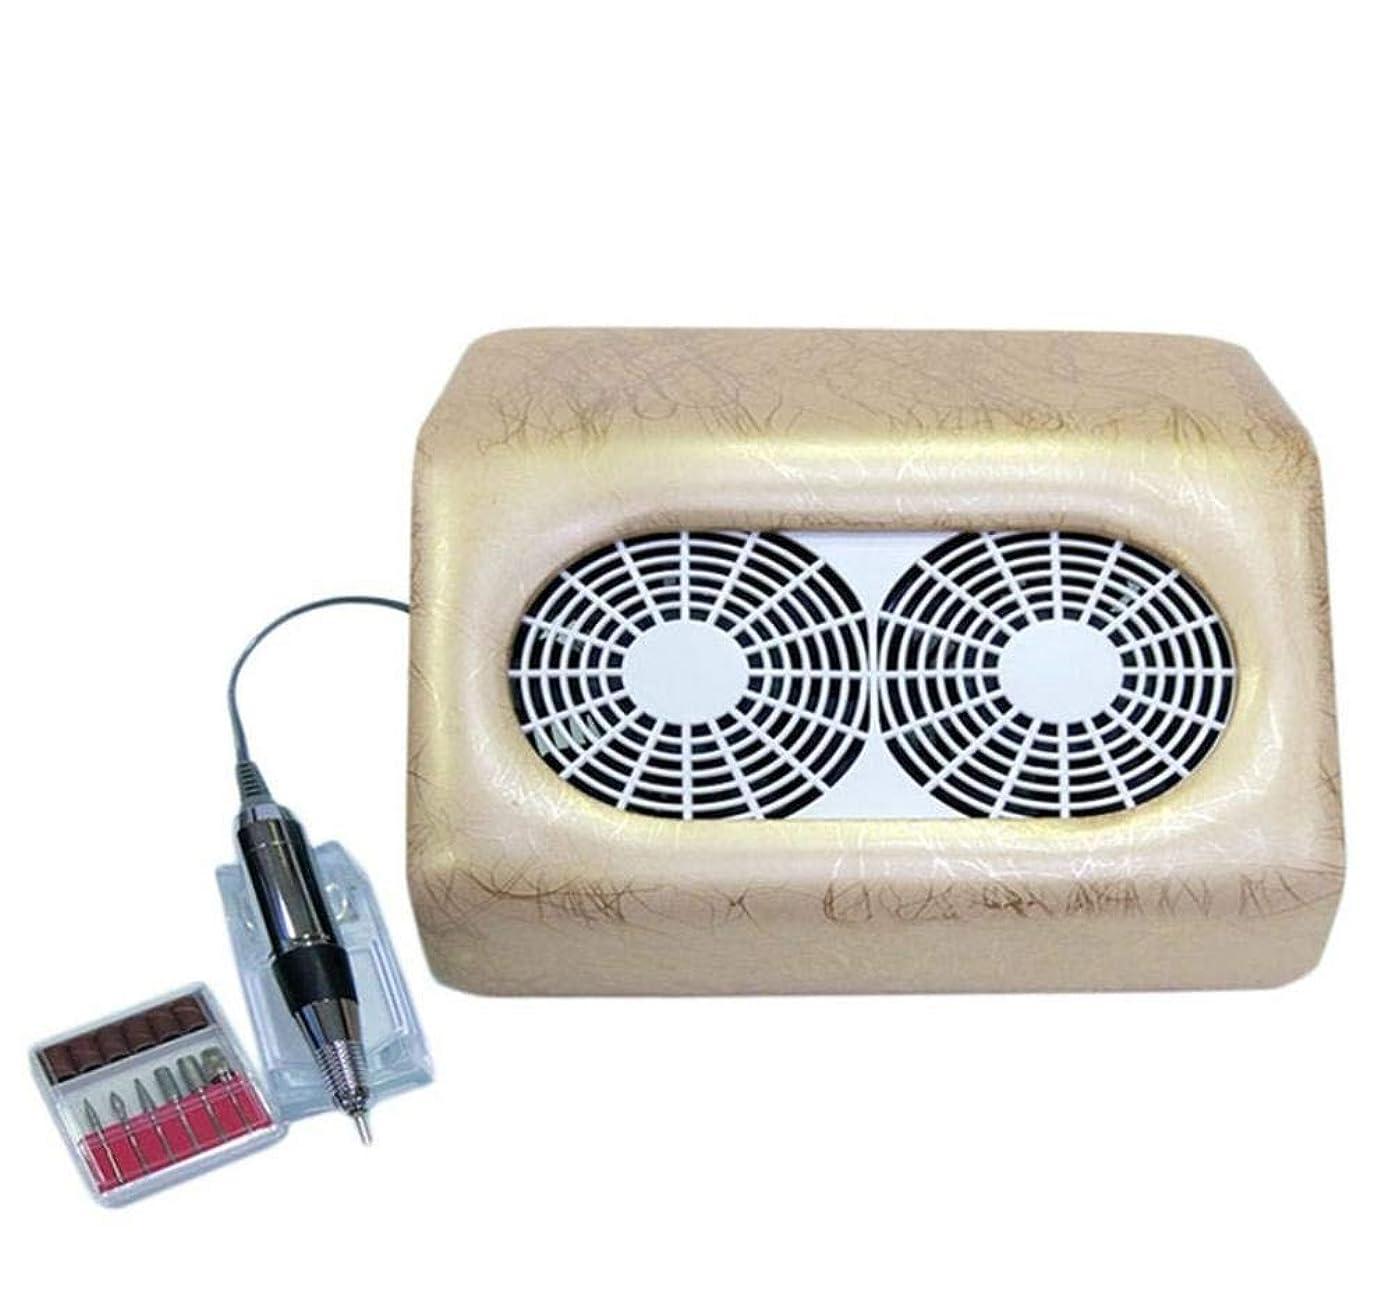 流す経験木曜日電気ネイルドリルネイル掃除機ネイルドライヤー付き2ファンサロンアートマニキュアツールツール機器具キット